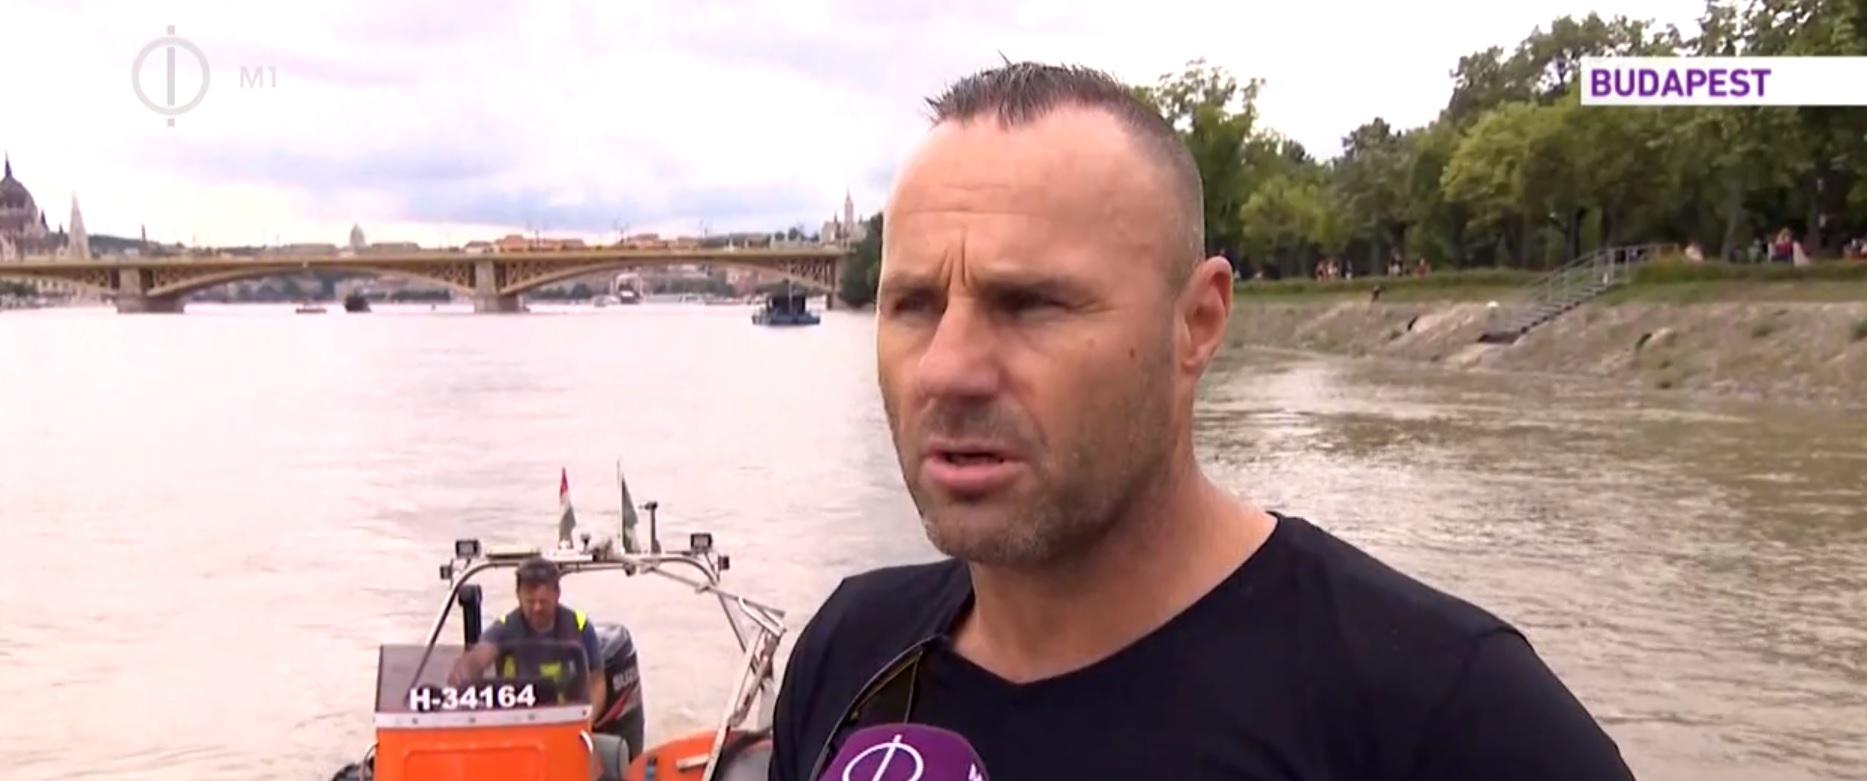 Búvár: Rettenetesek a körülmények a víz alatt a hajóroncsnál